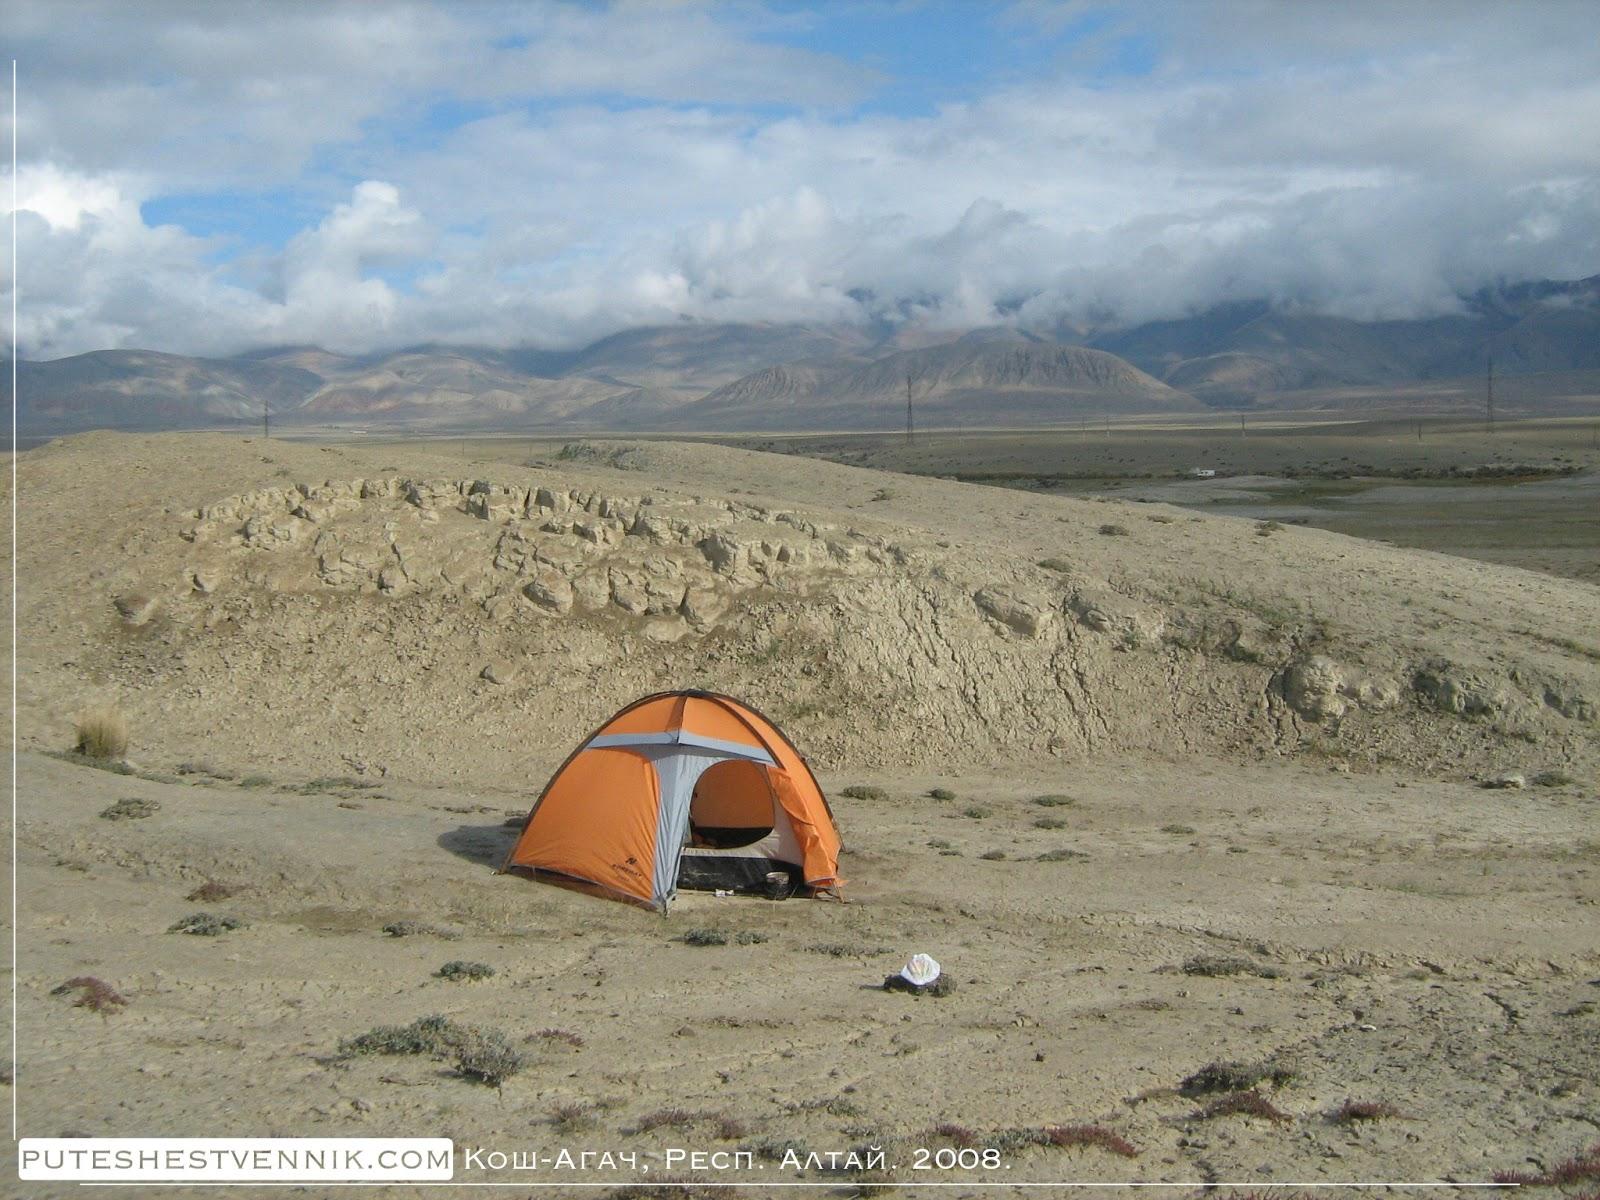 Палатка в пустыне возле деревни Кош-Агач